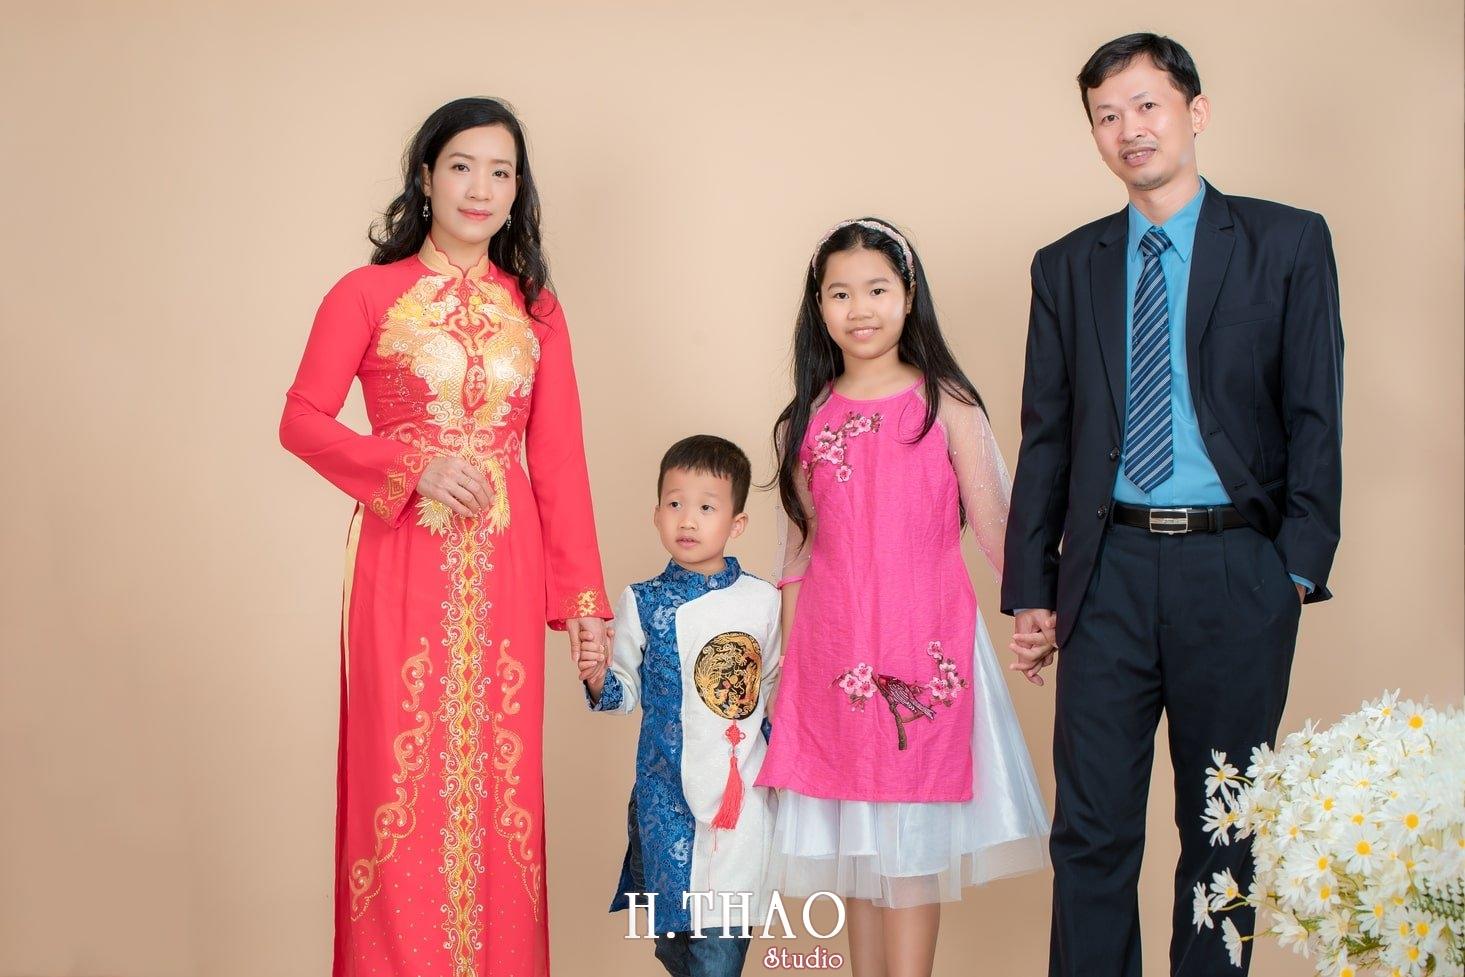 Anh tet gia dinh 6 - Báo giá chụp hình gia đình